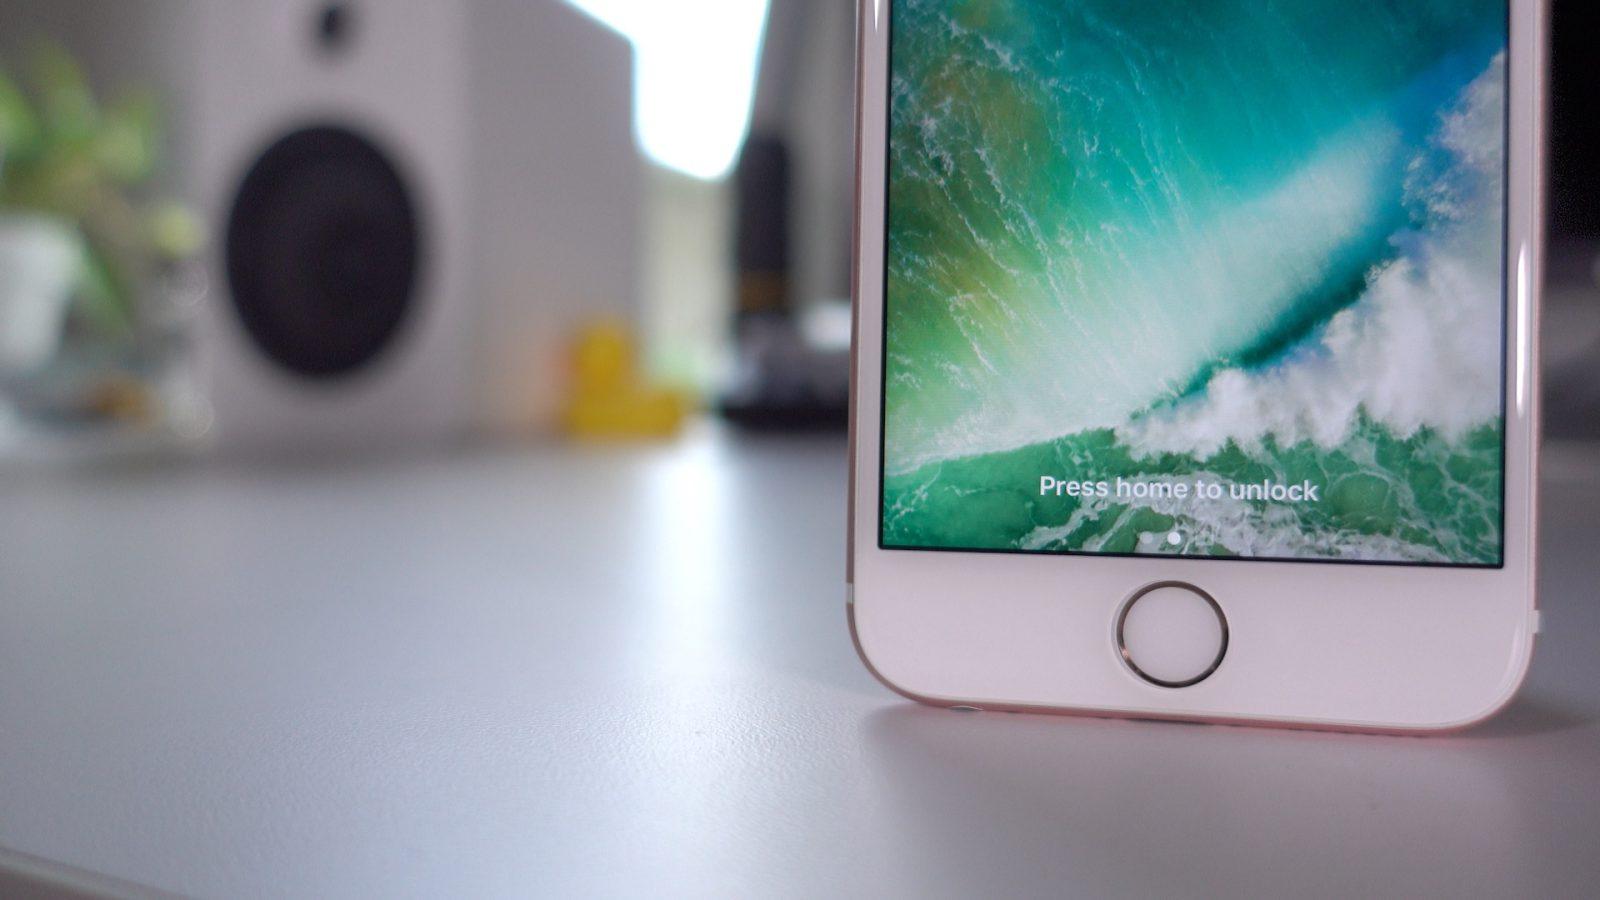 iOS 10 Public Beta Yayınlandı (Kurulum Yöntemi Anlatım)